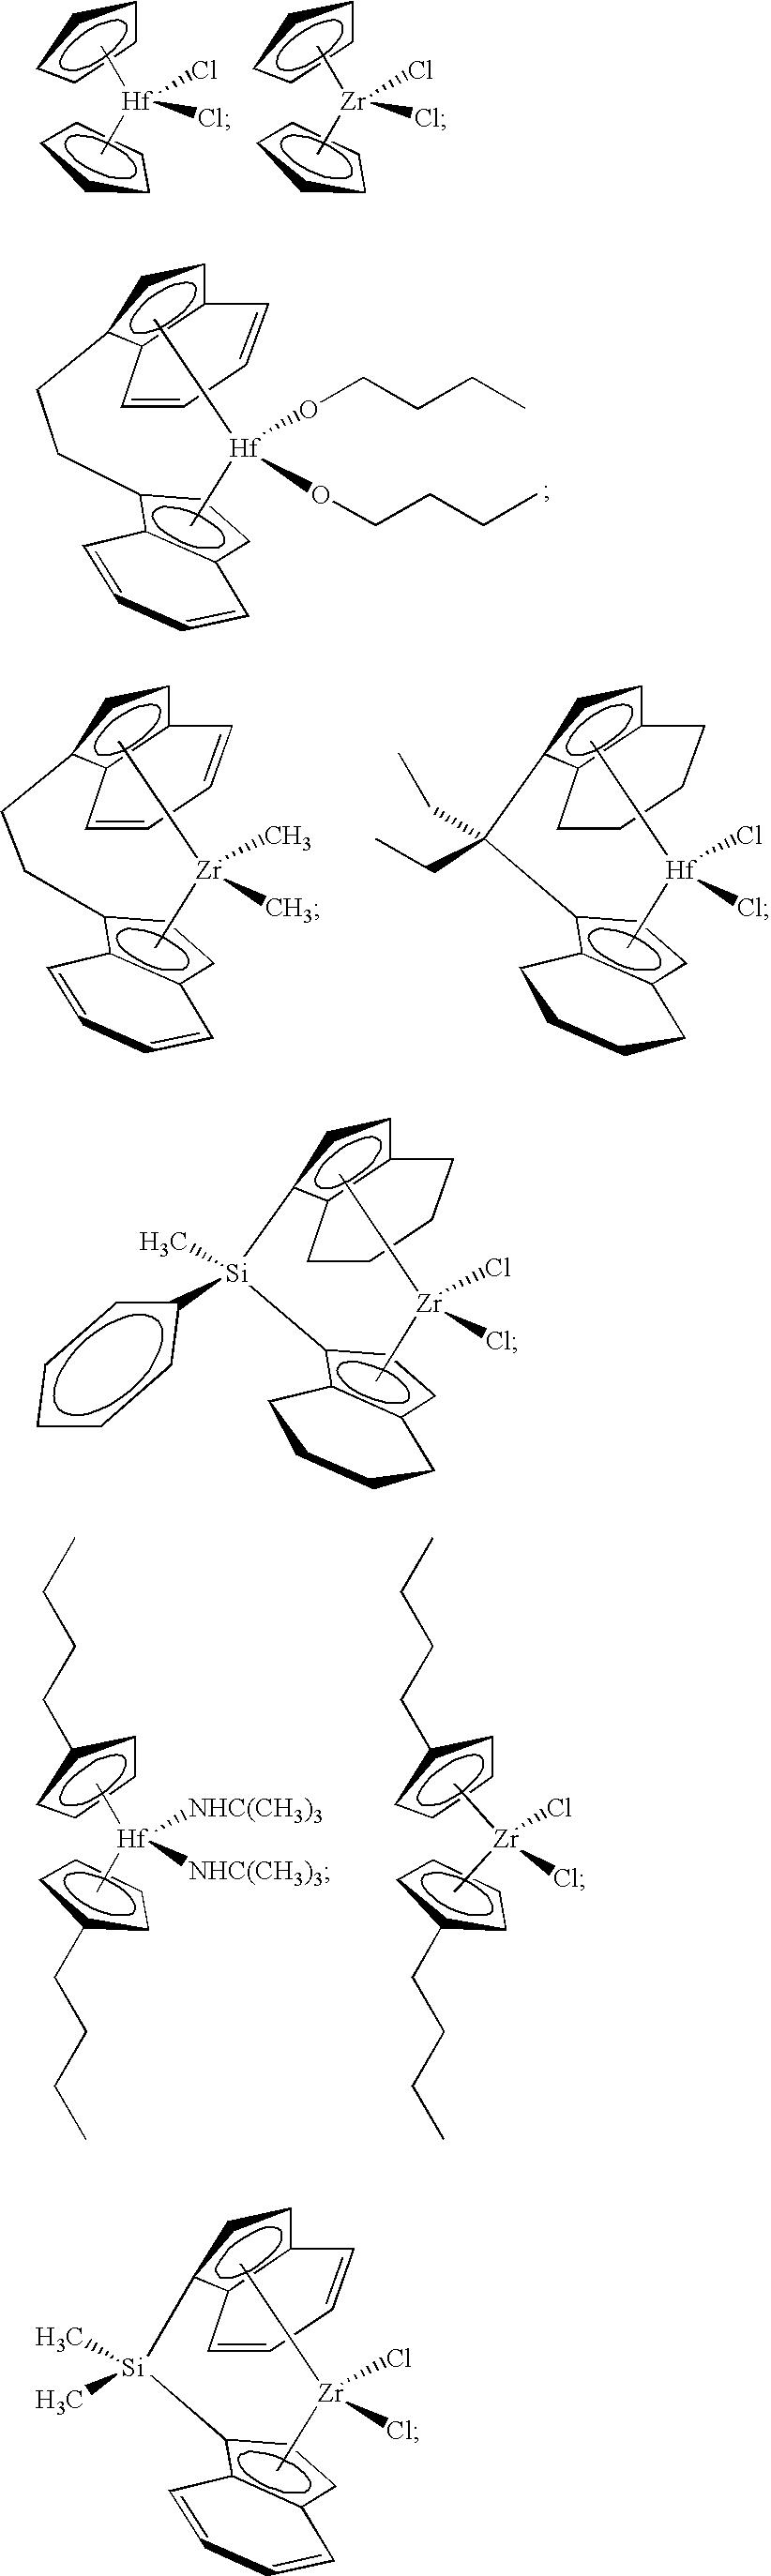 Figure US07163906-20070116-C00001